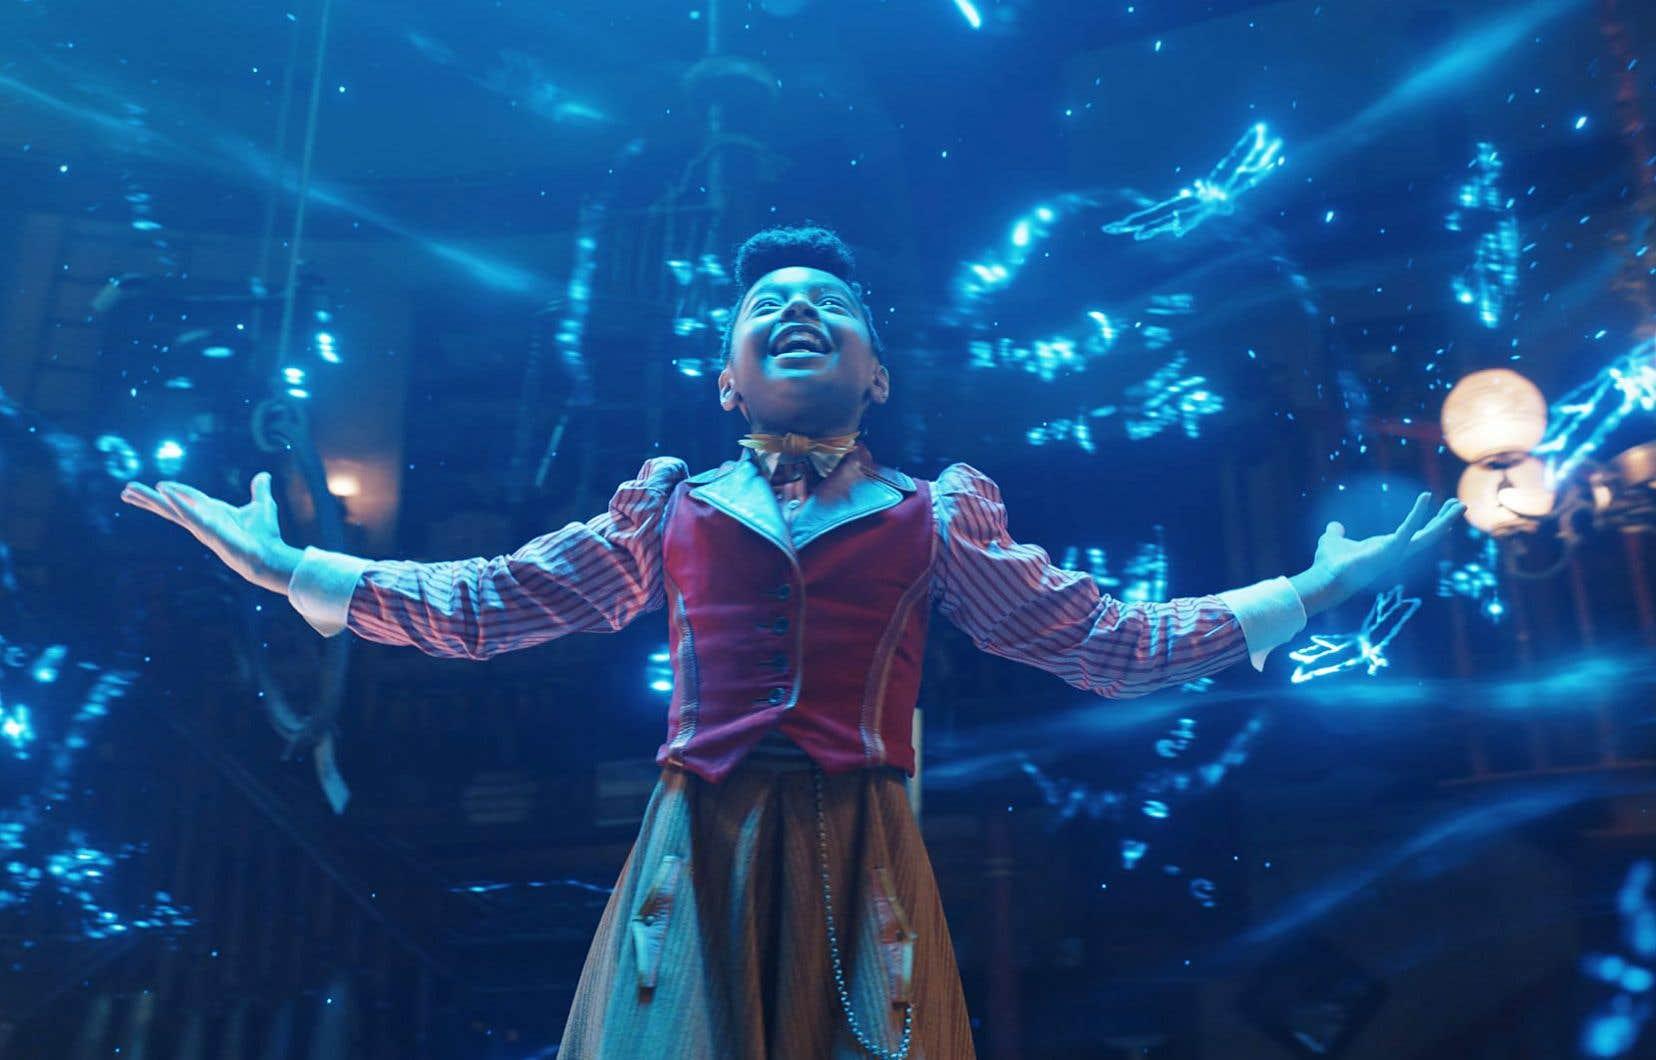 «Jingle Jangle: A Christmas Journey», sur Netflix, est une comédie musicale où Forest Whitaker interprète un fabricant de jouets excentrique déchu qui redécouvre son univers enchanté et enchanteur grâce à sa petite-fille.